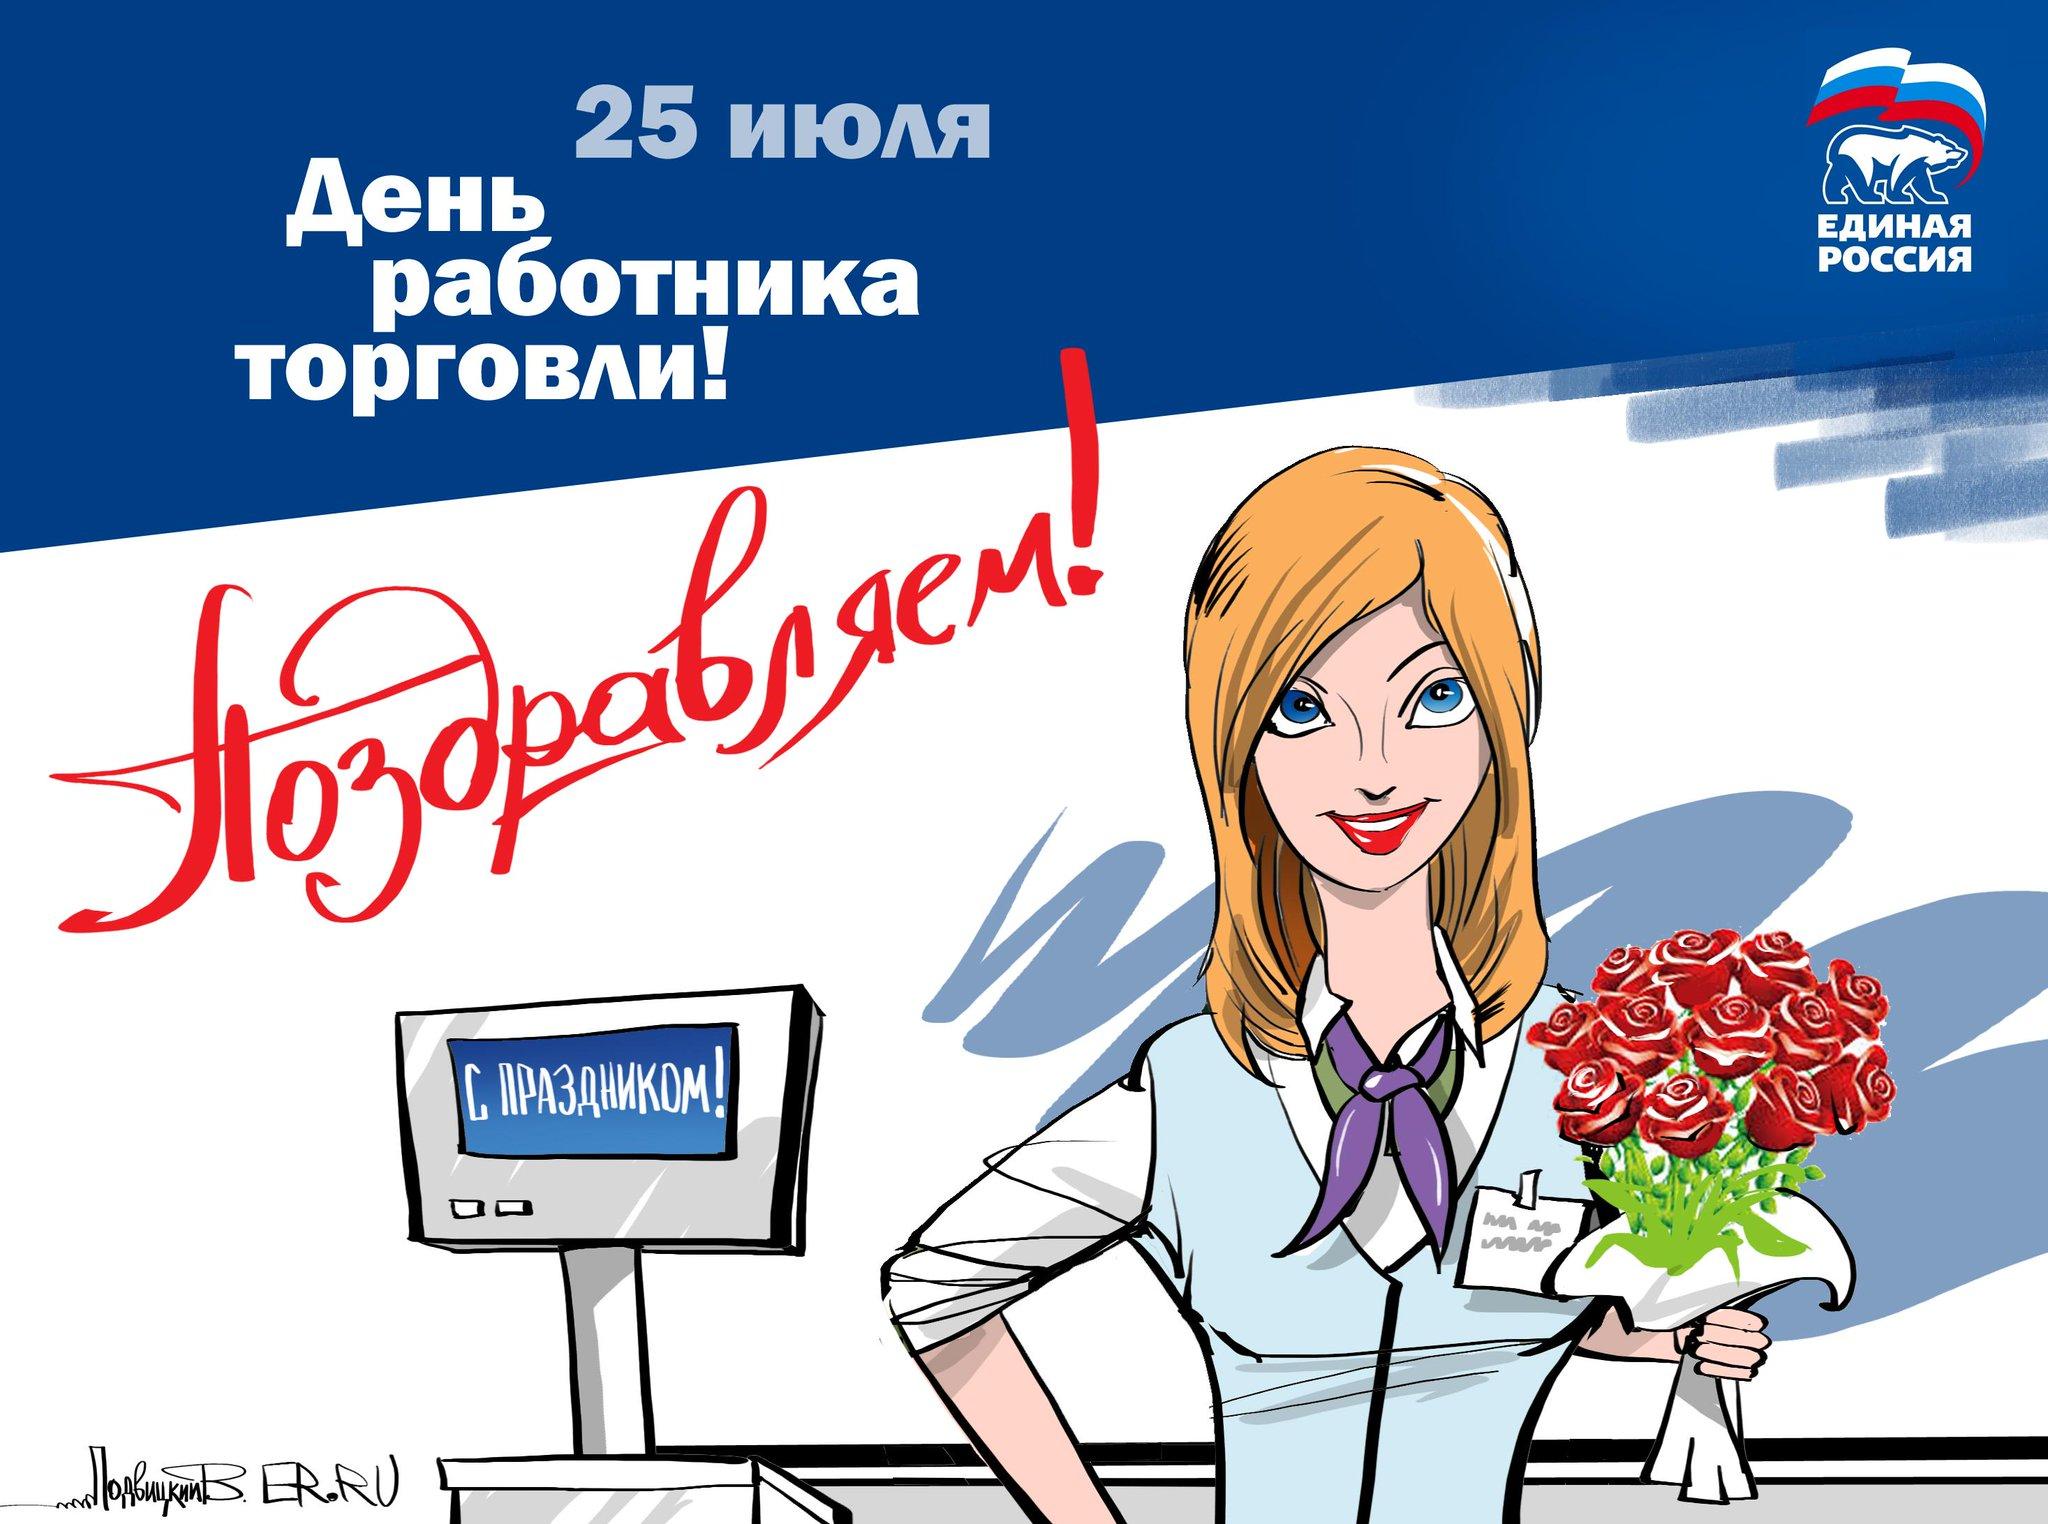 поздравления коллег с праздником торговли